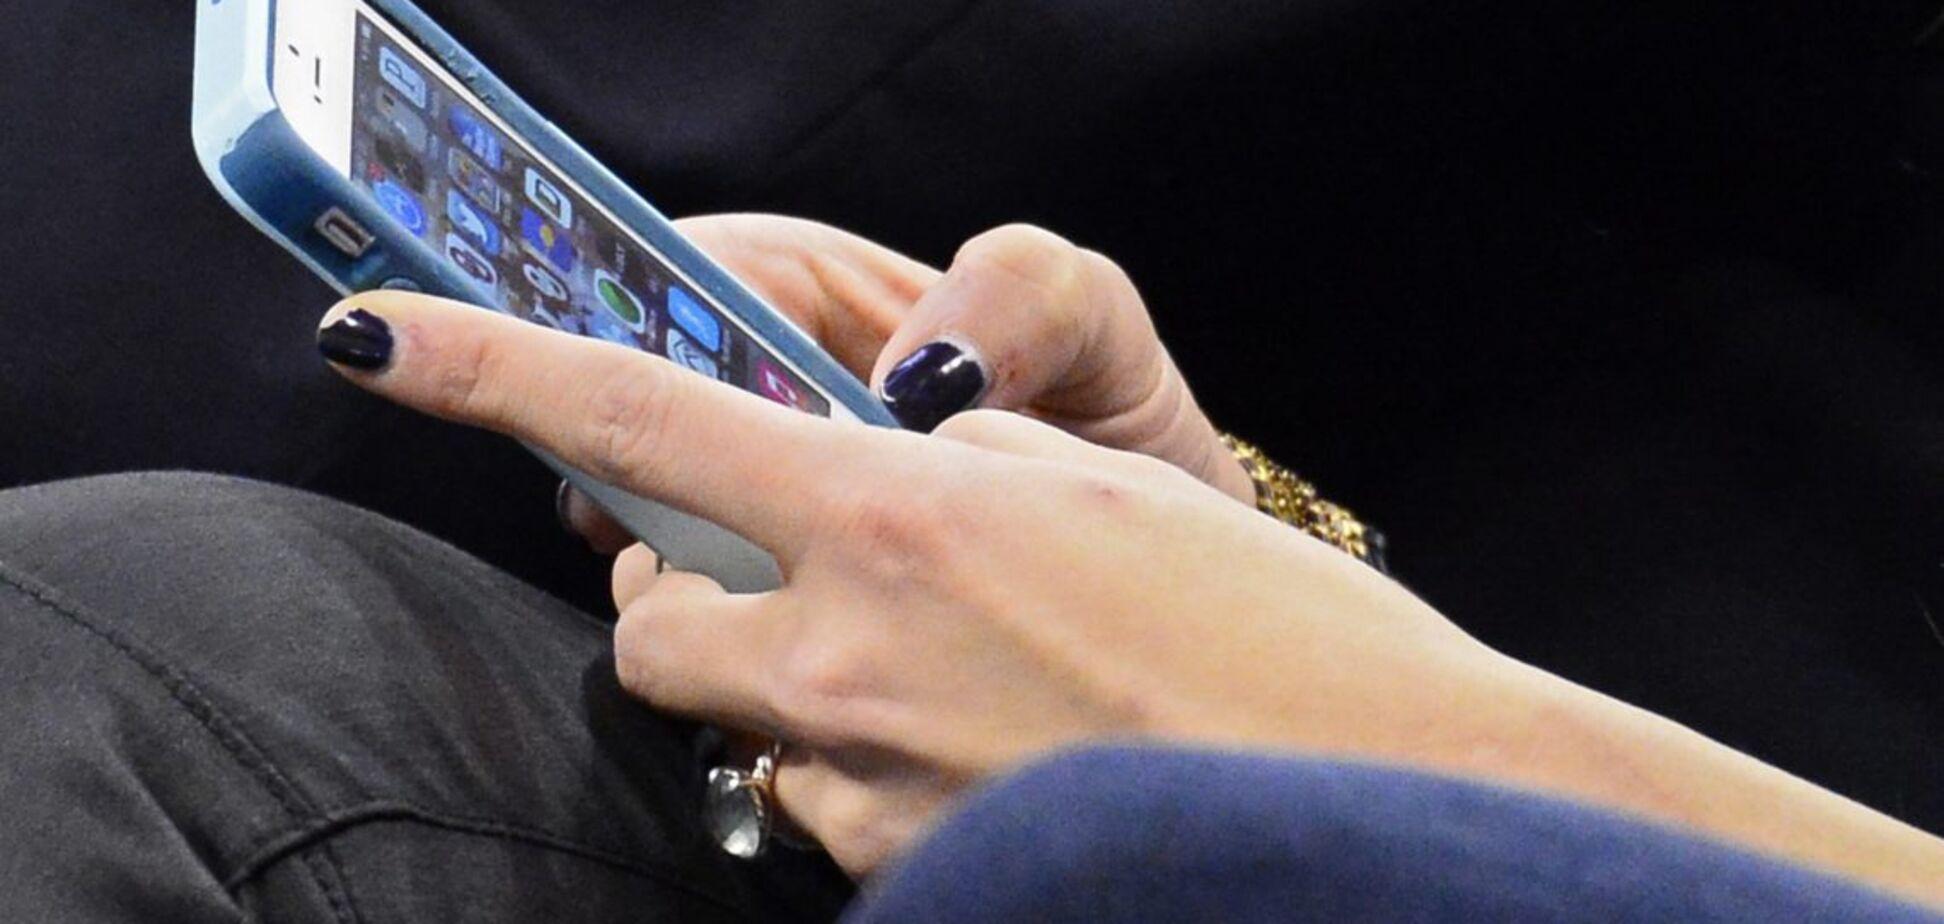 Мобільний зв'язок в ОРДЛО: АМКУ поінформував мешканців щодо послуг